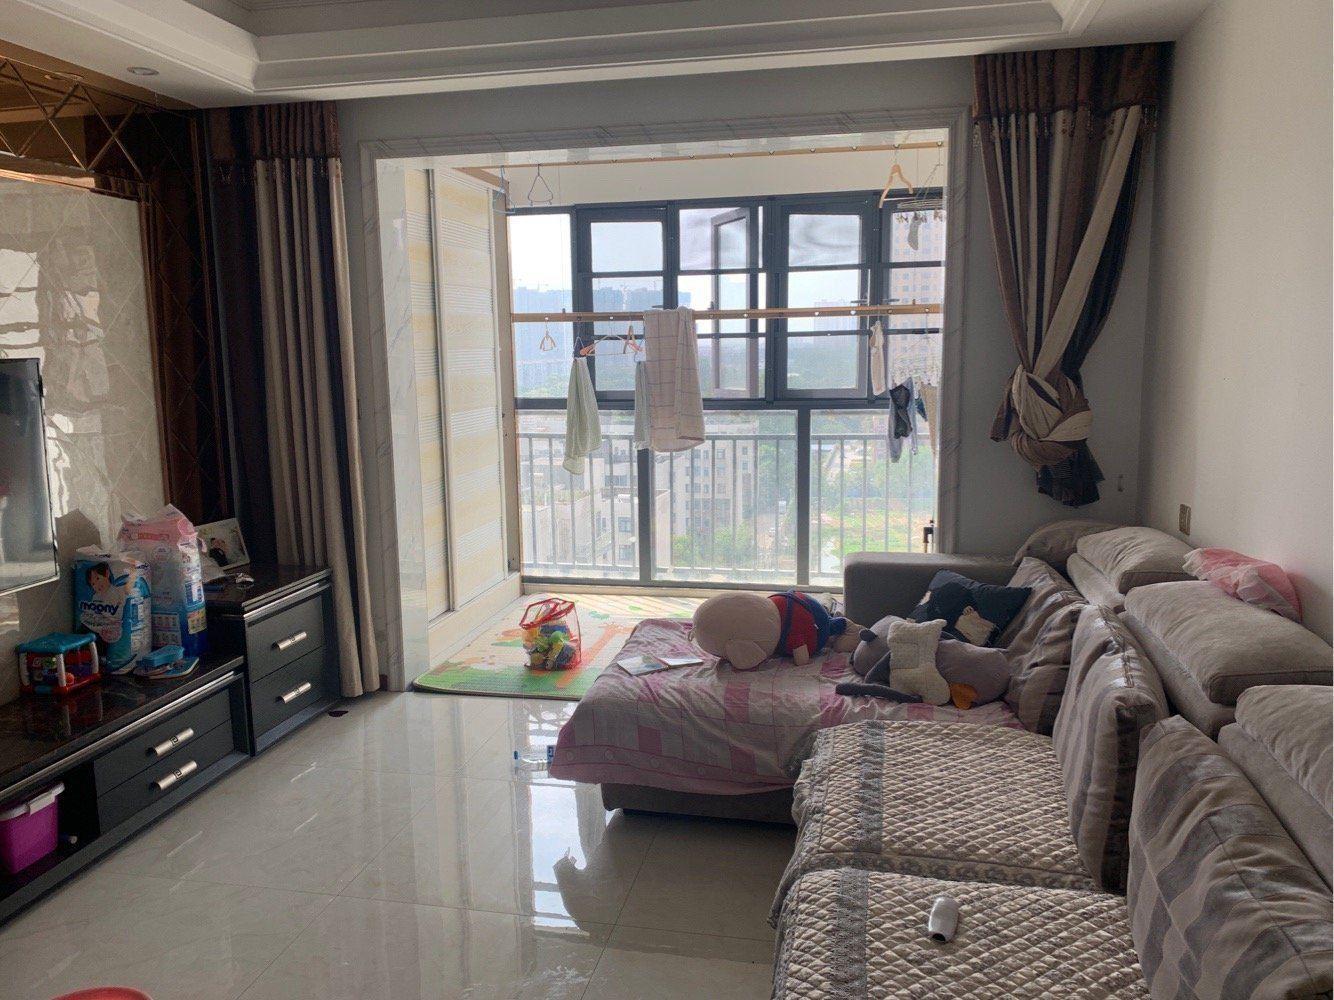 鸿昇现代城  精装大三房  满两年  两证齐全 可按揭贷款